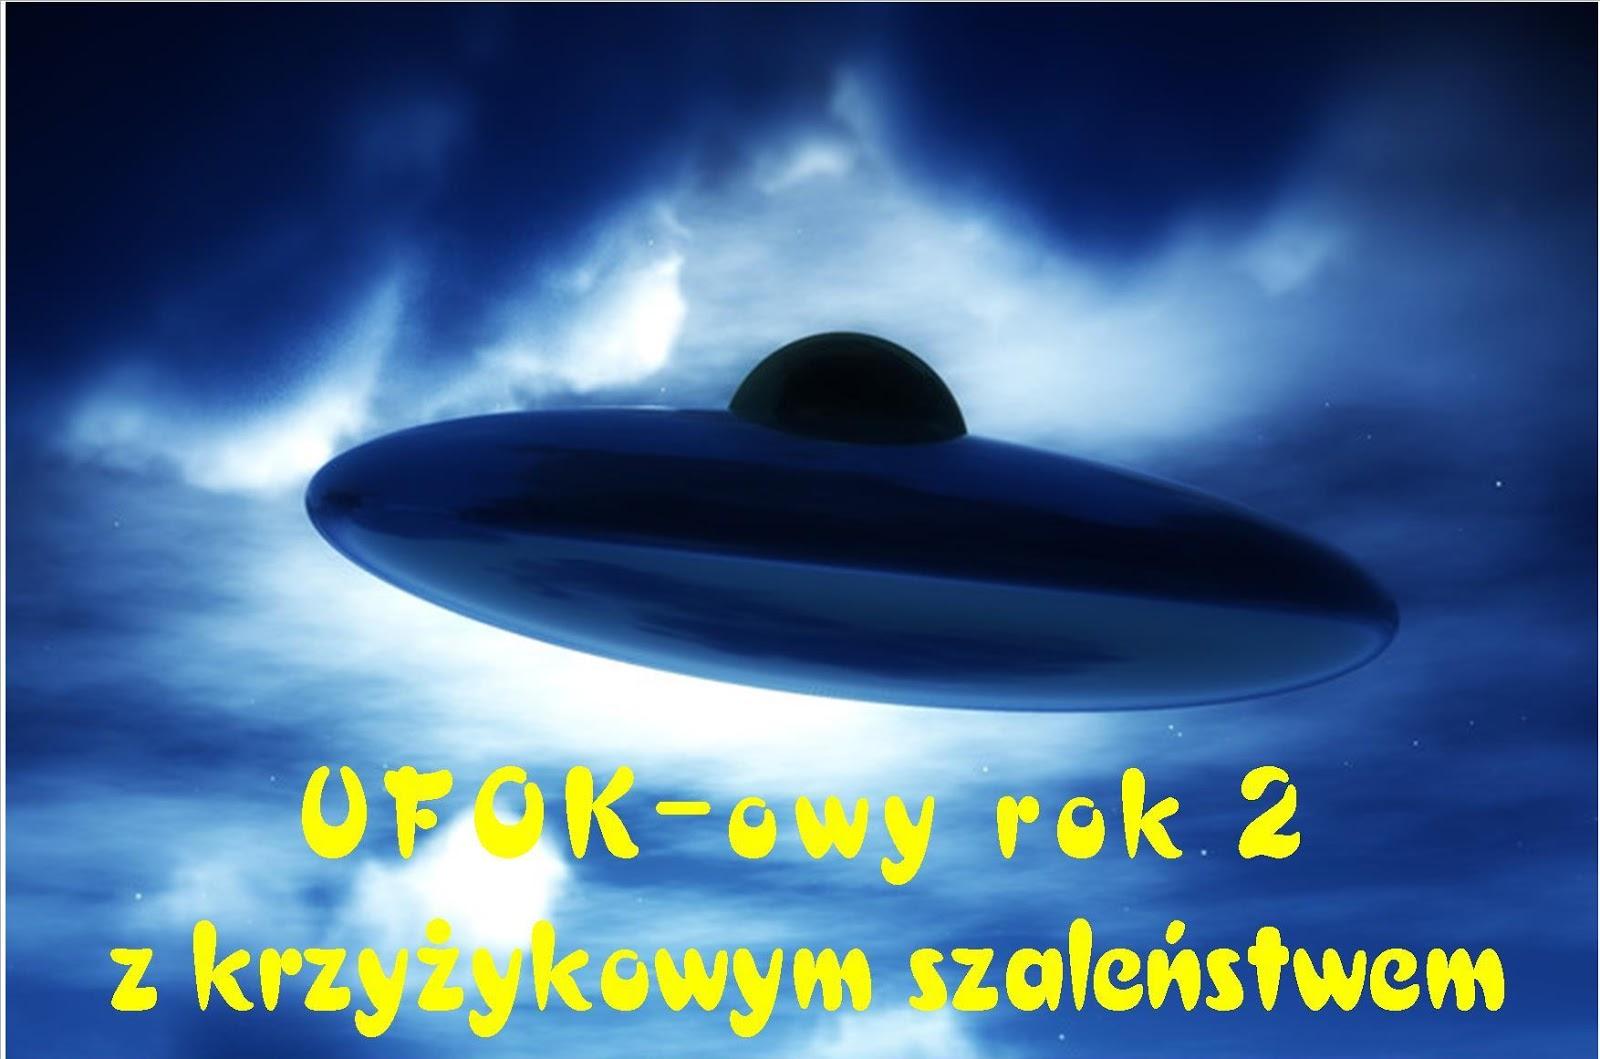 UFO-kowy rok z Katarzyna